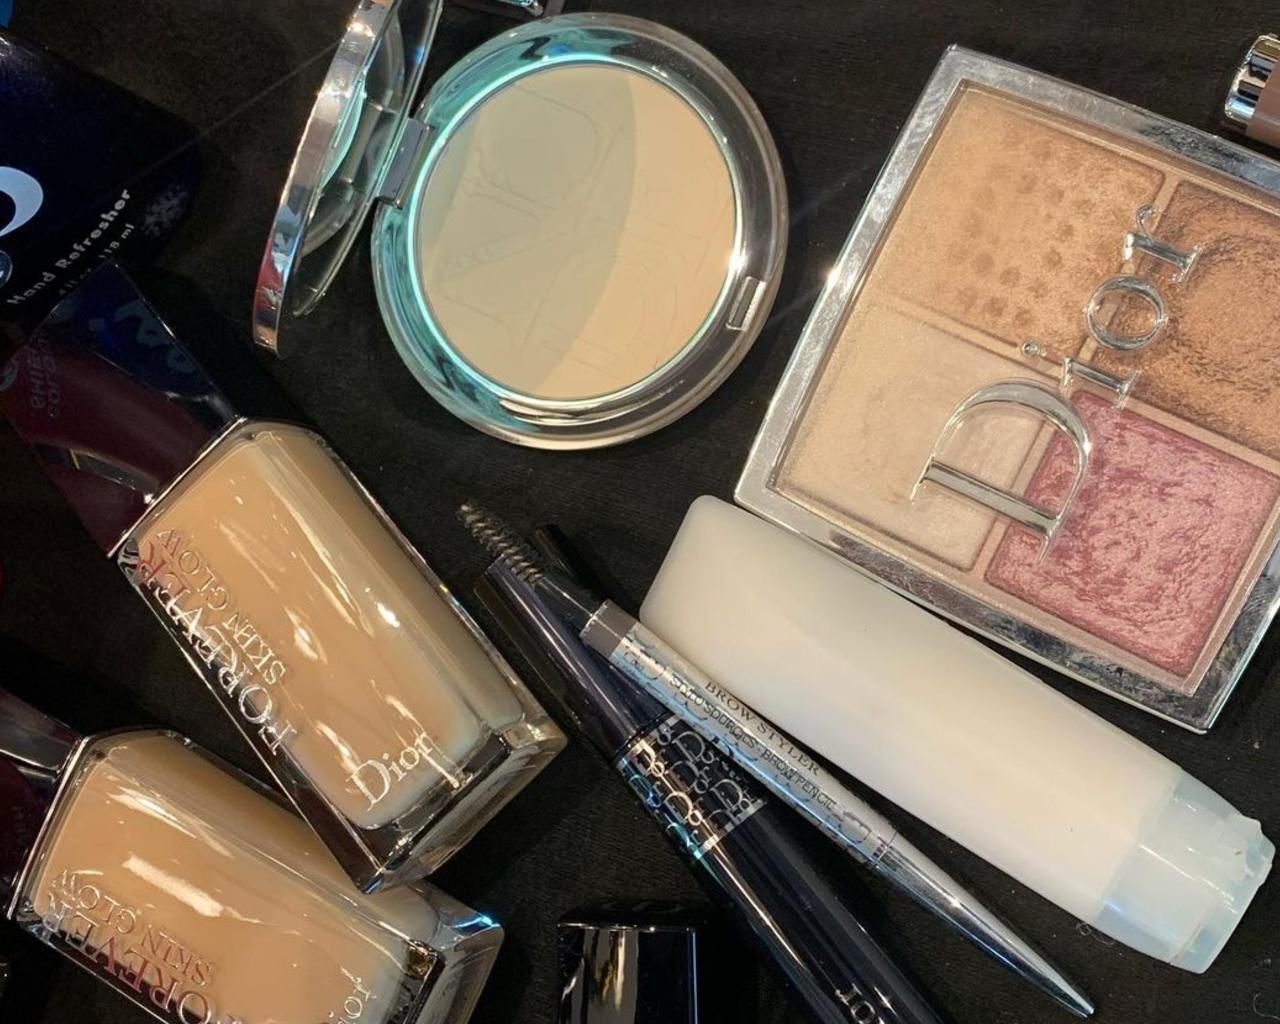 Dior Makeup Cara Delevingne